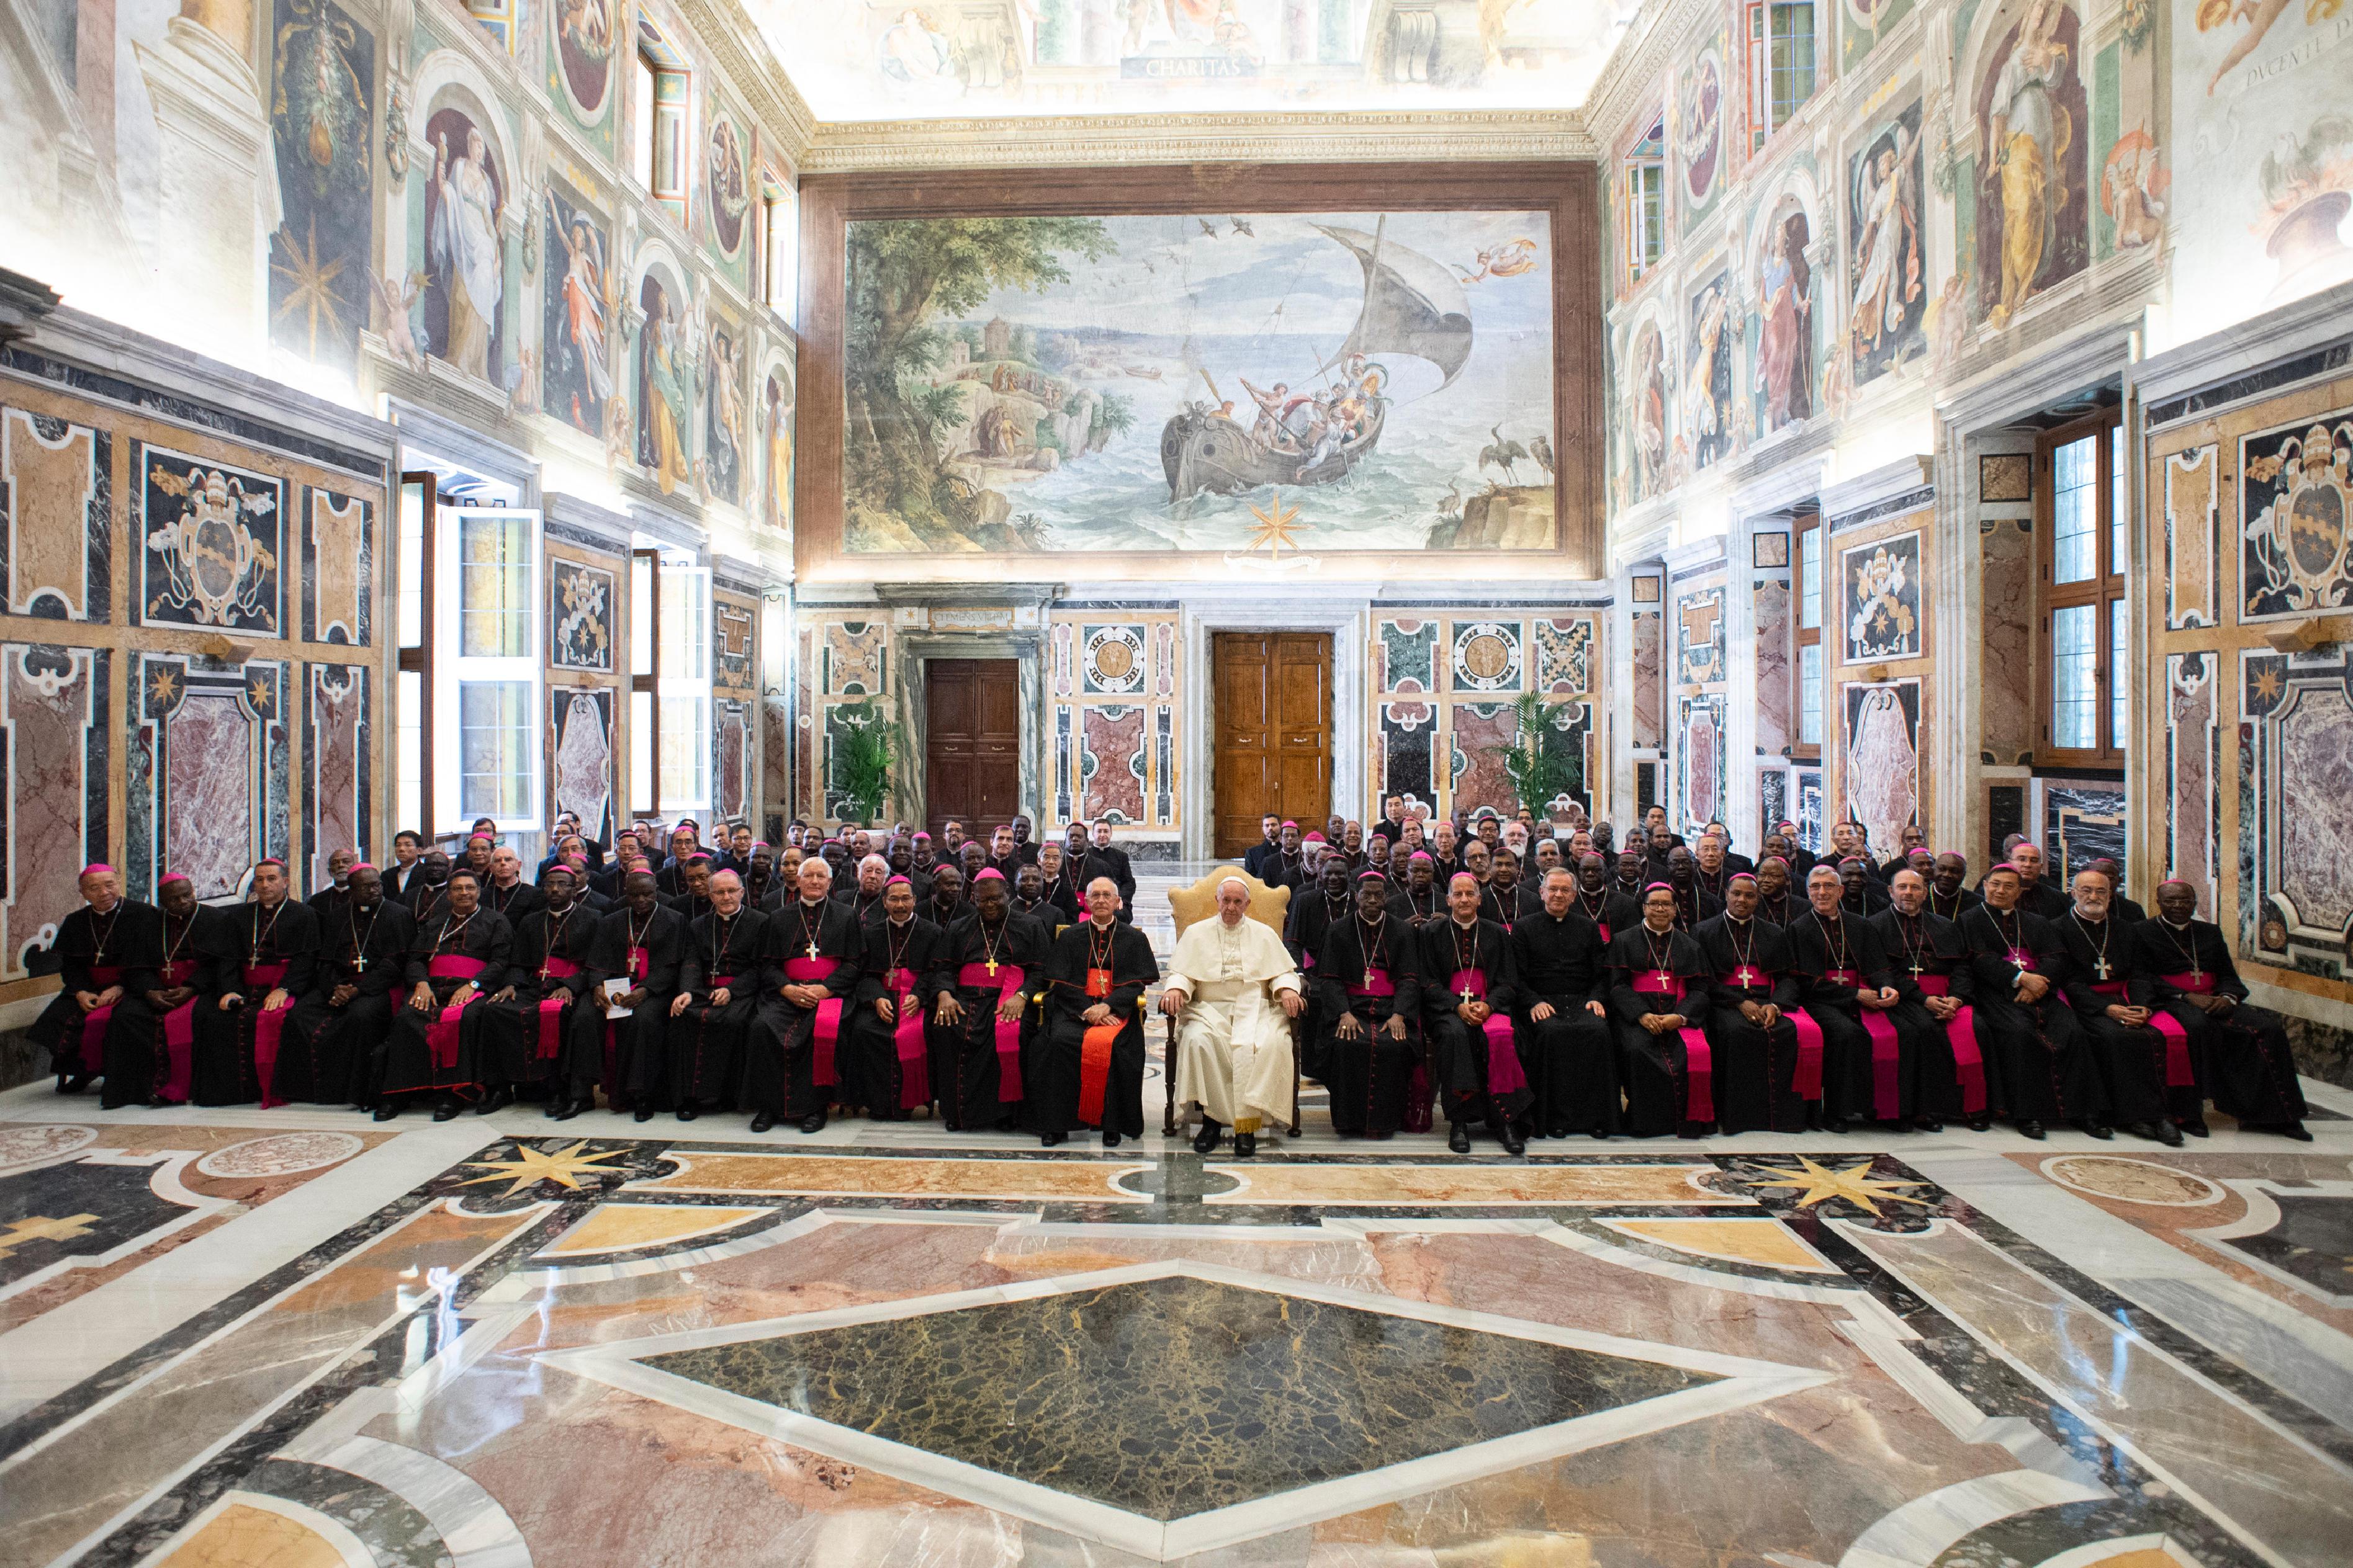 Audiencia del Papa Francisco con los obispos, 8 sept. 2018 © Vatican Media